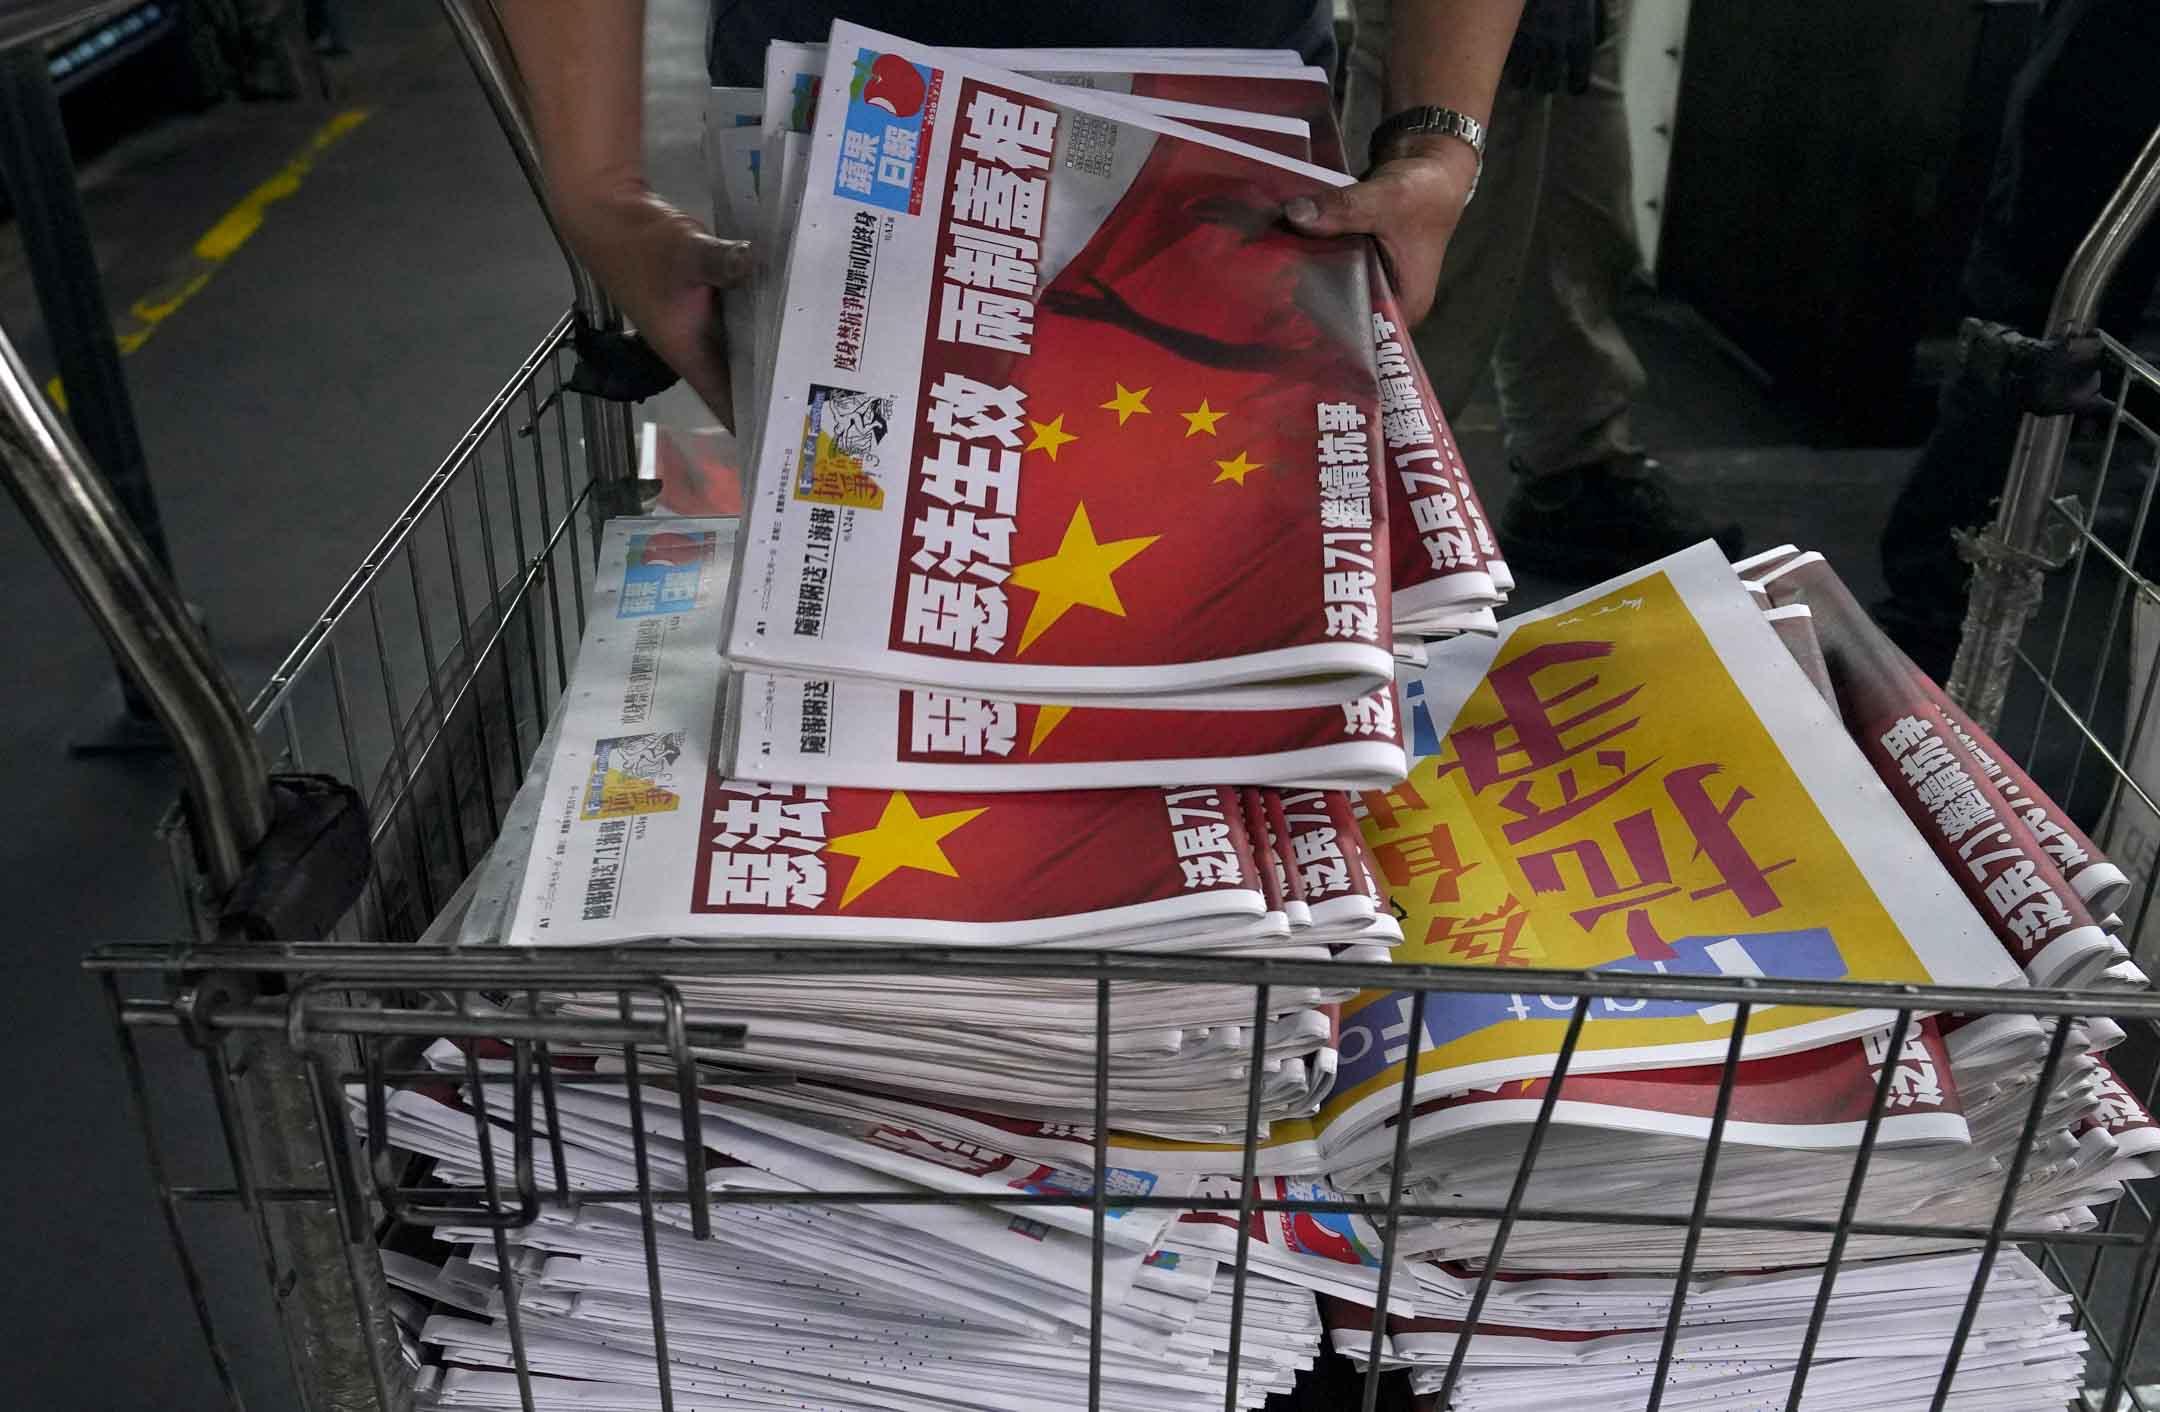 2020年7月1日,香港國安法生效,《蘋果日報》印刷中,頭版標題為「惡法生效 兩制蓋棺」。 攝:Vincent Yu/AP/達志影像